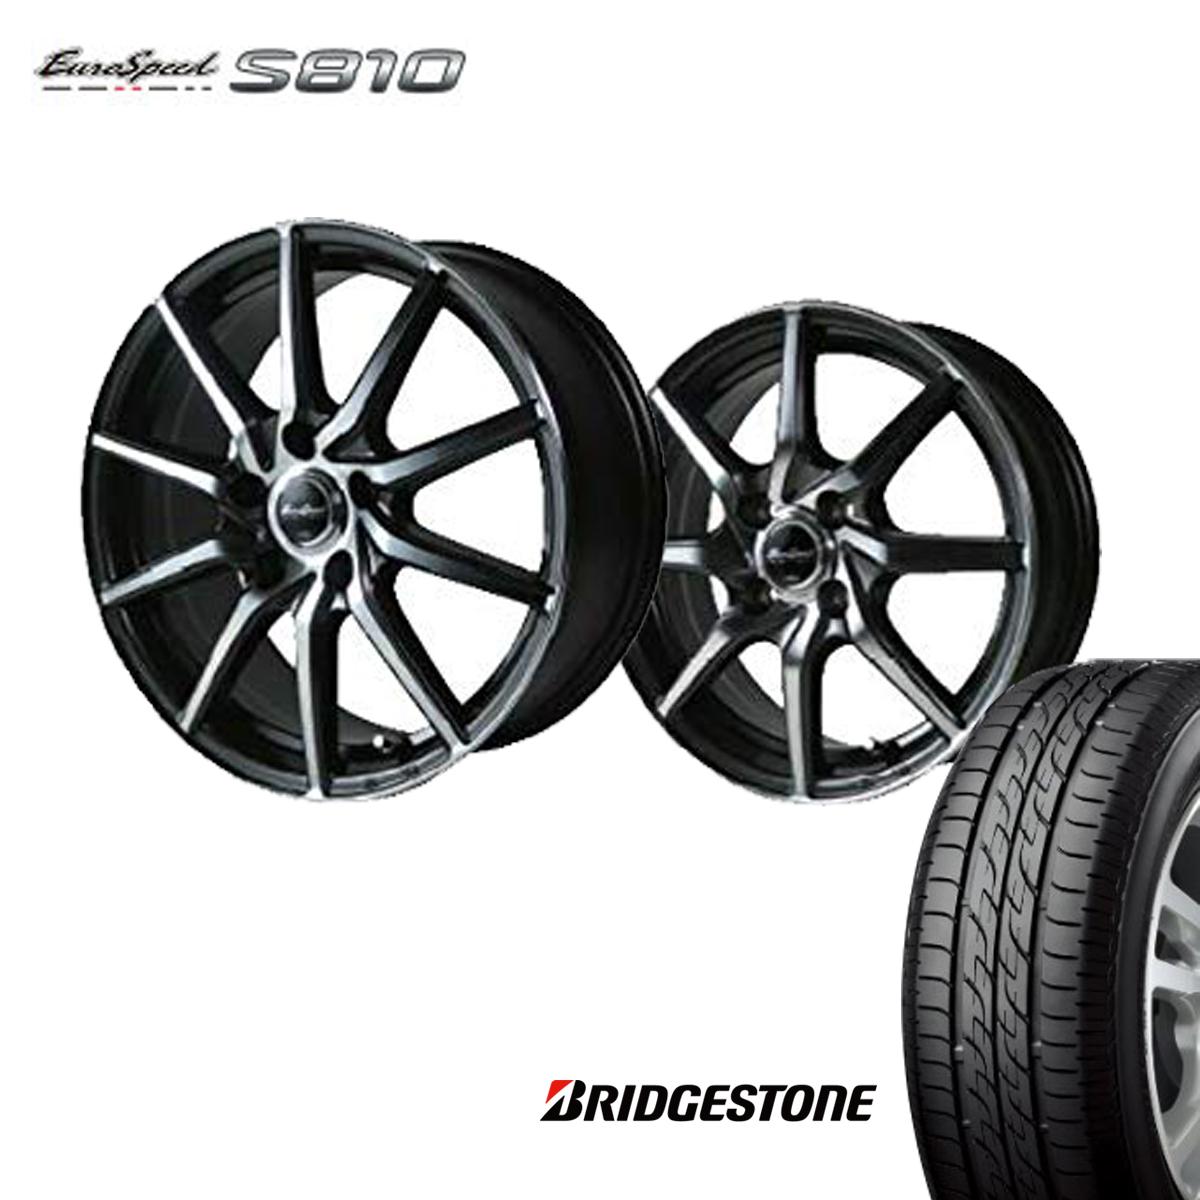 Euro Speed S810 タイヤ ホイール セット 4本 17インチ 5H114.3 7.0J+48 ユーロスピード S810 マナレイ スポーツ ブリヂストン 215/50R17 215 50 17